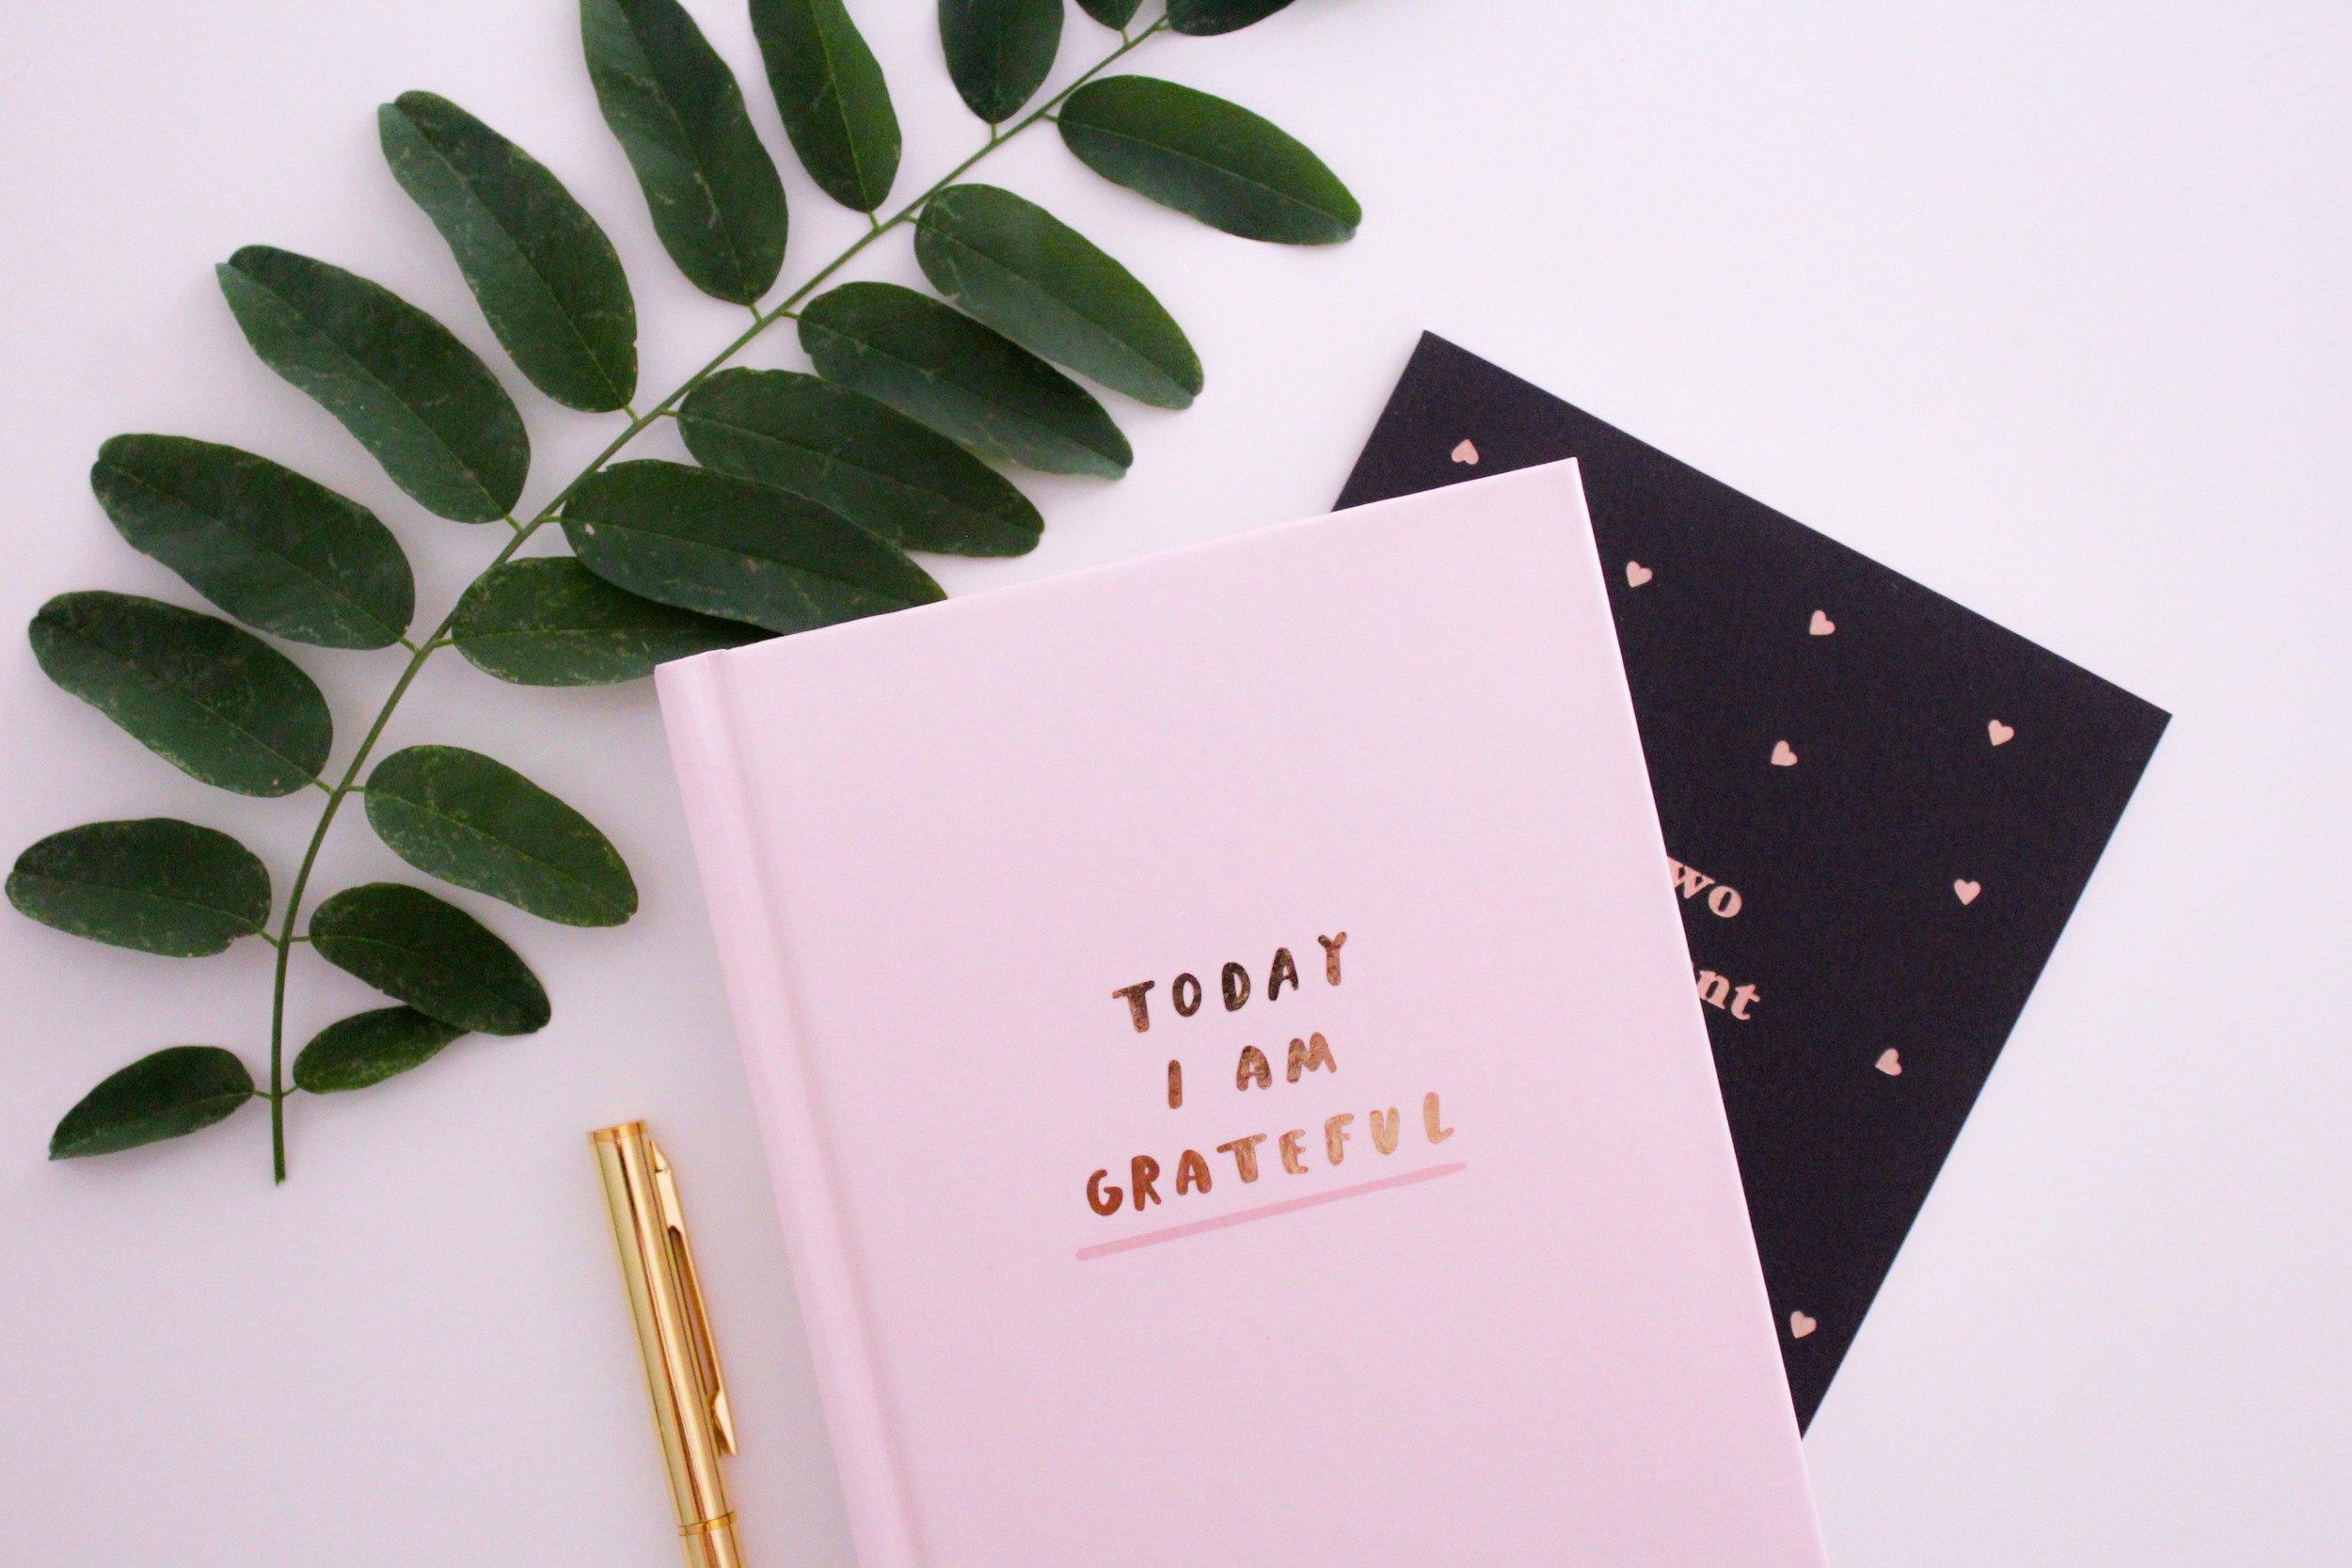 Today I am grateful journal. Photo source Gabrielle Henderson on Unsplash